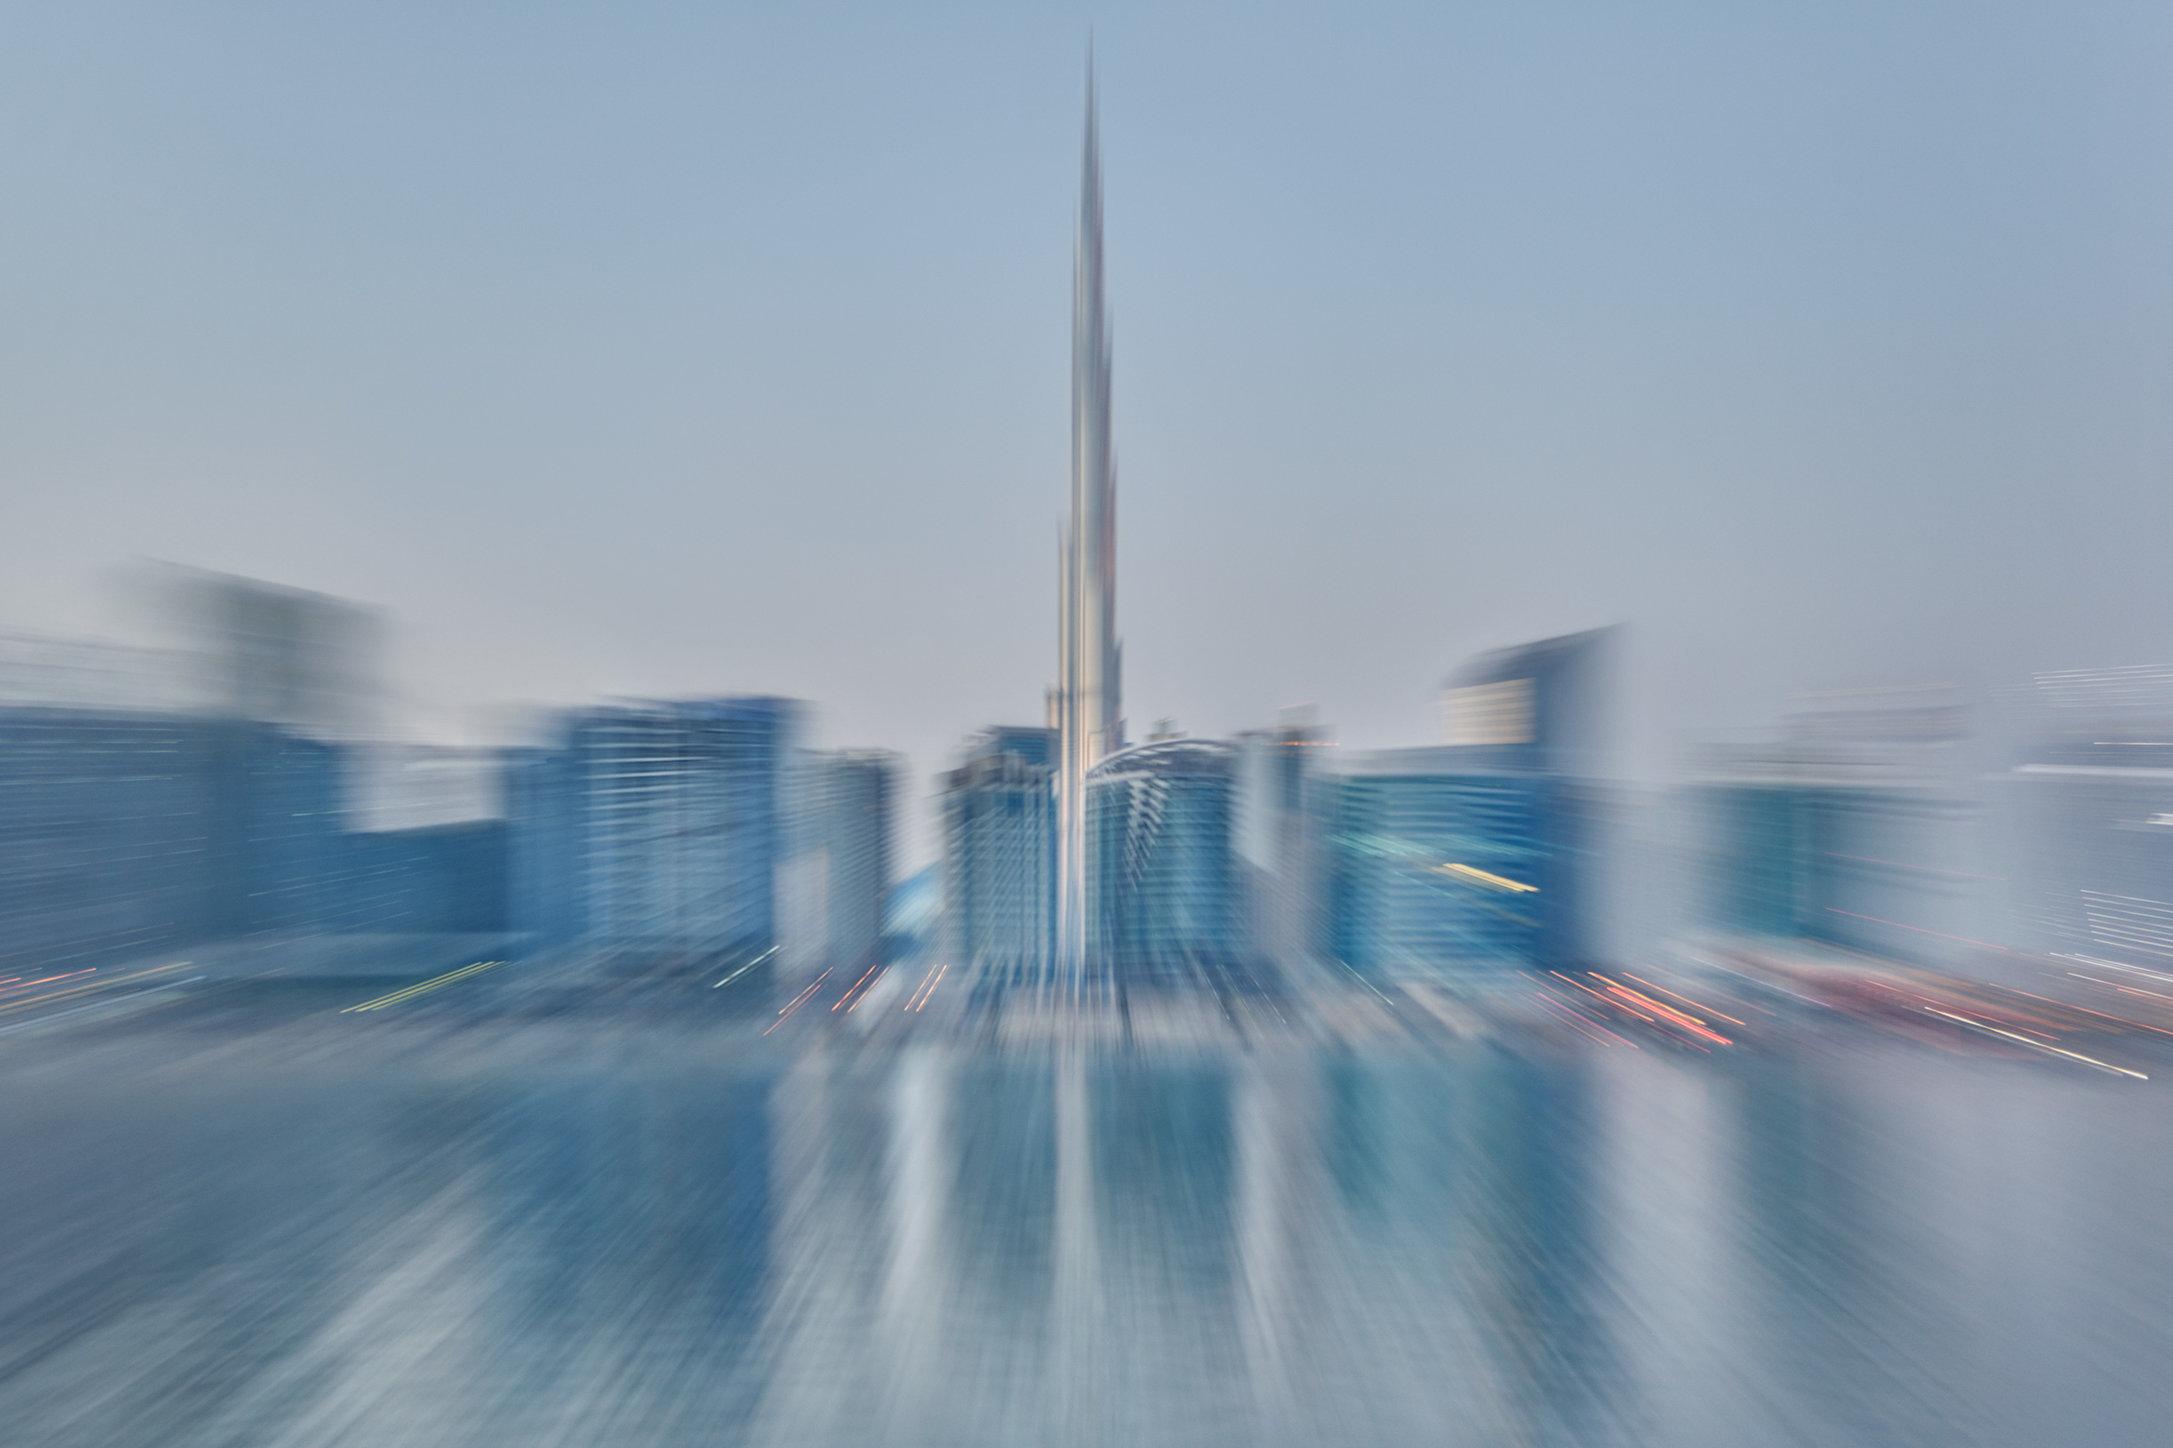 City / Dubai / Business Bay